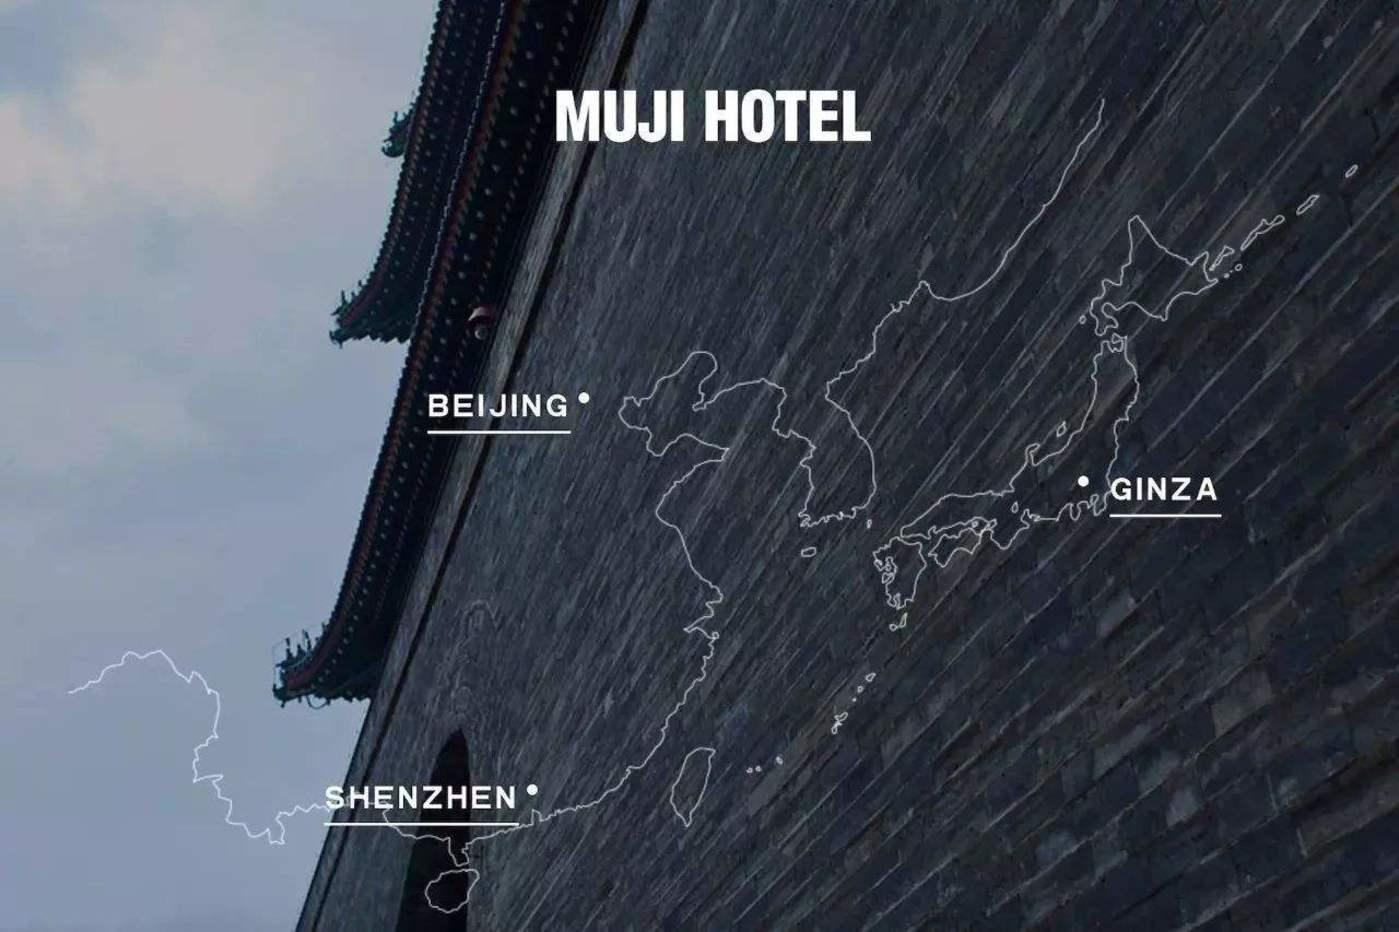 三家MUJI hotel分别坐落于:深圳、北京、日本银座